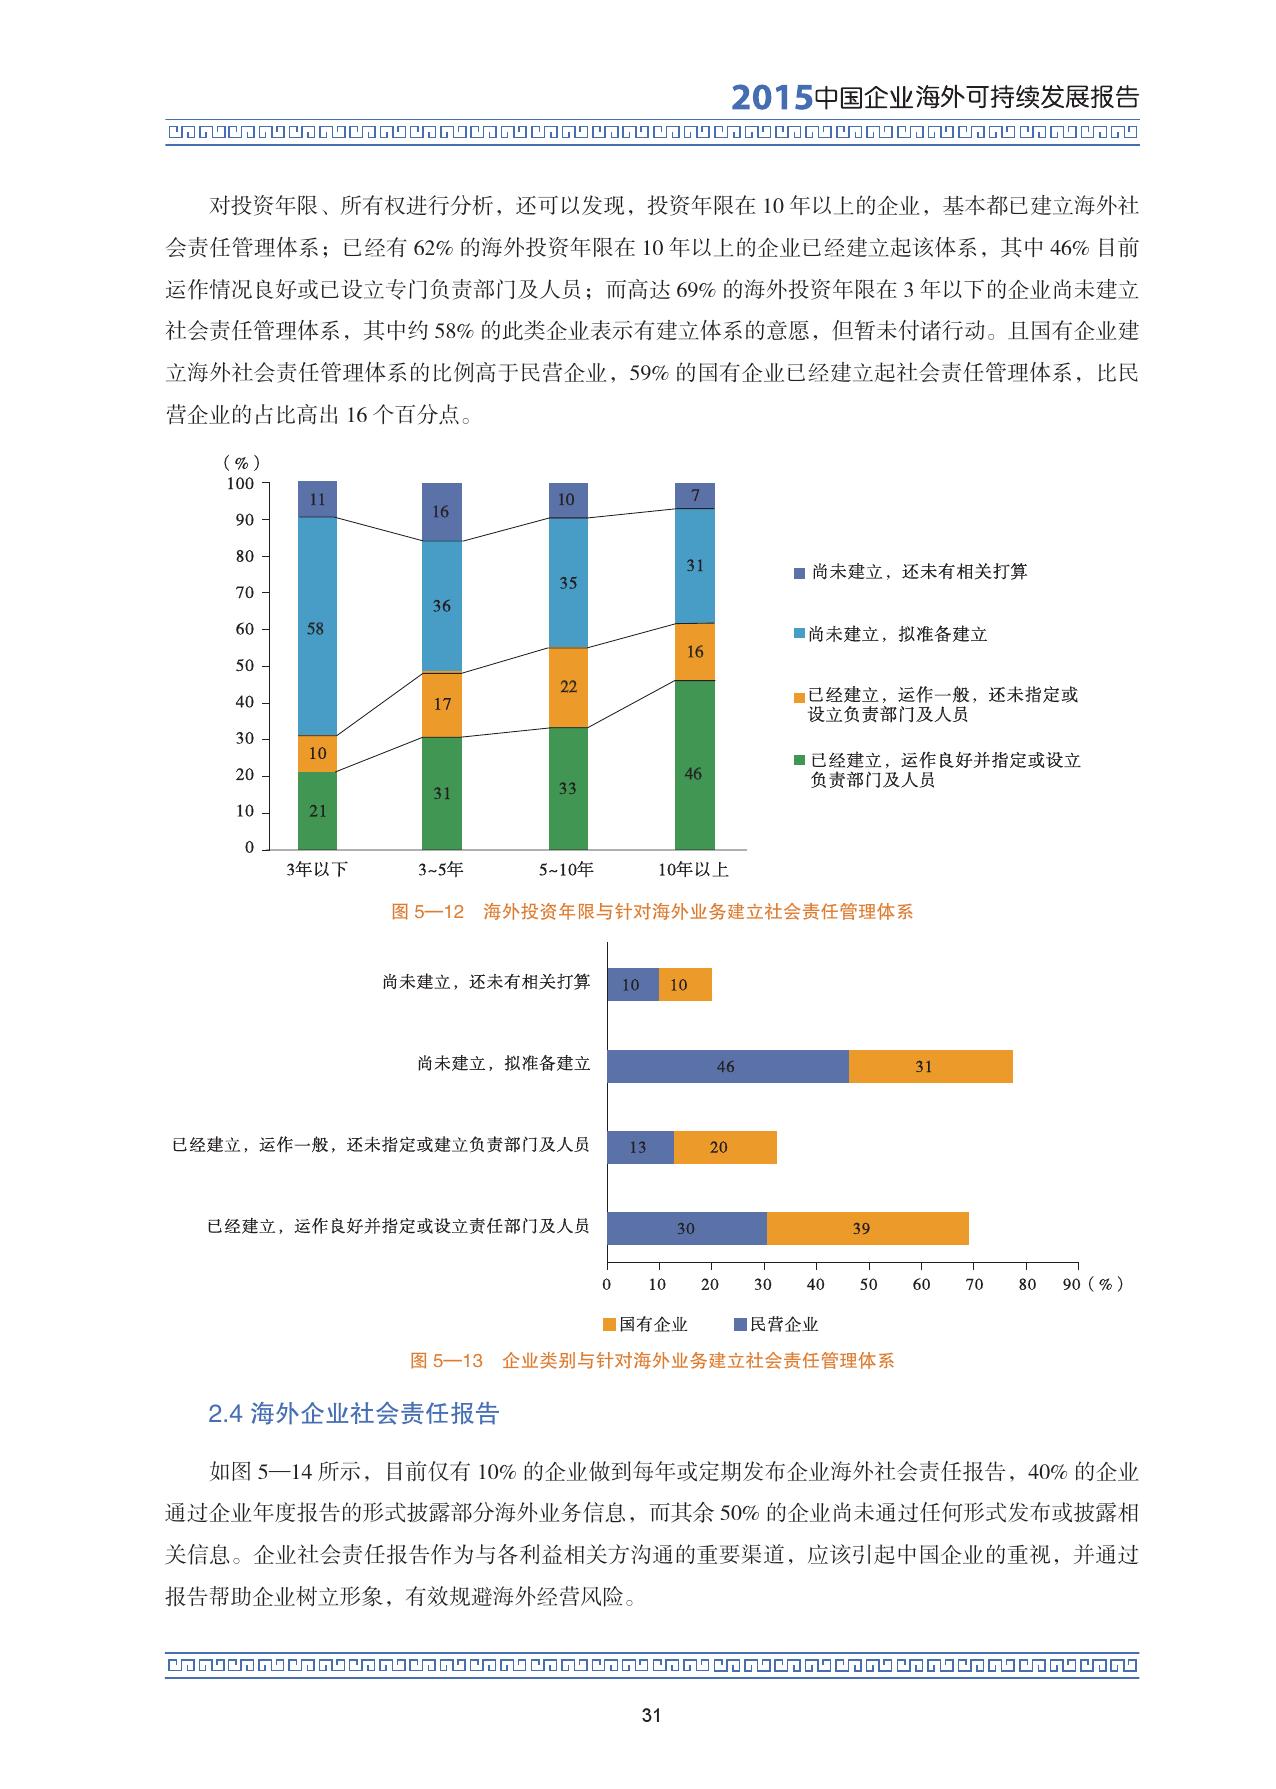 2015中国企业海外可持续发展报告_000045